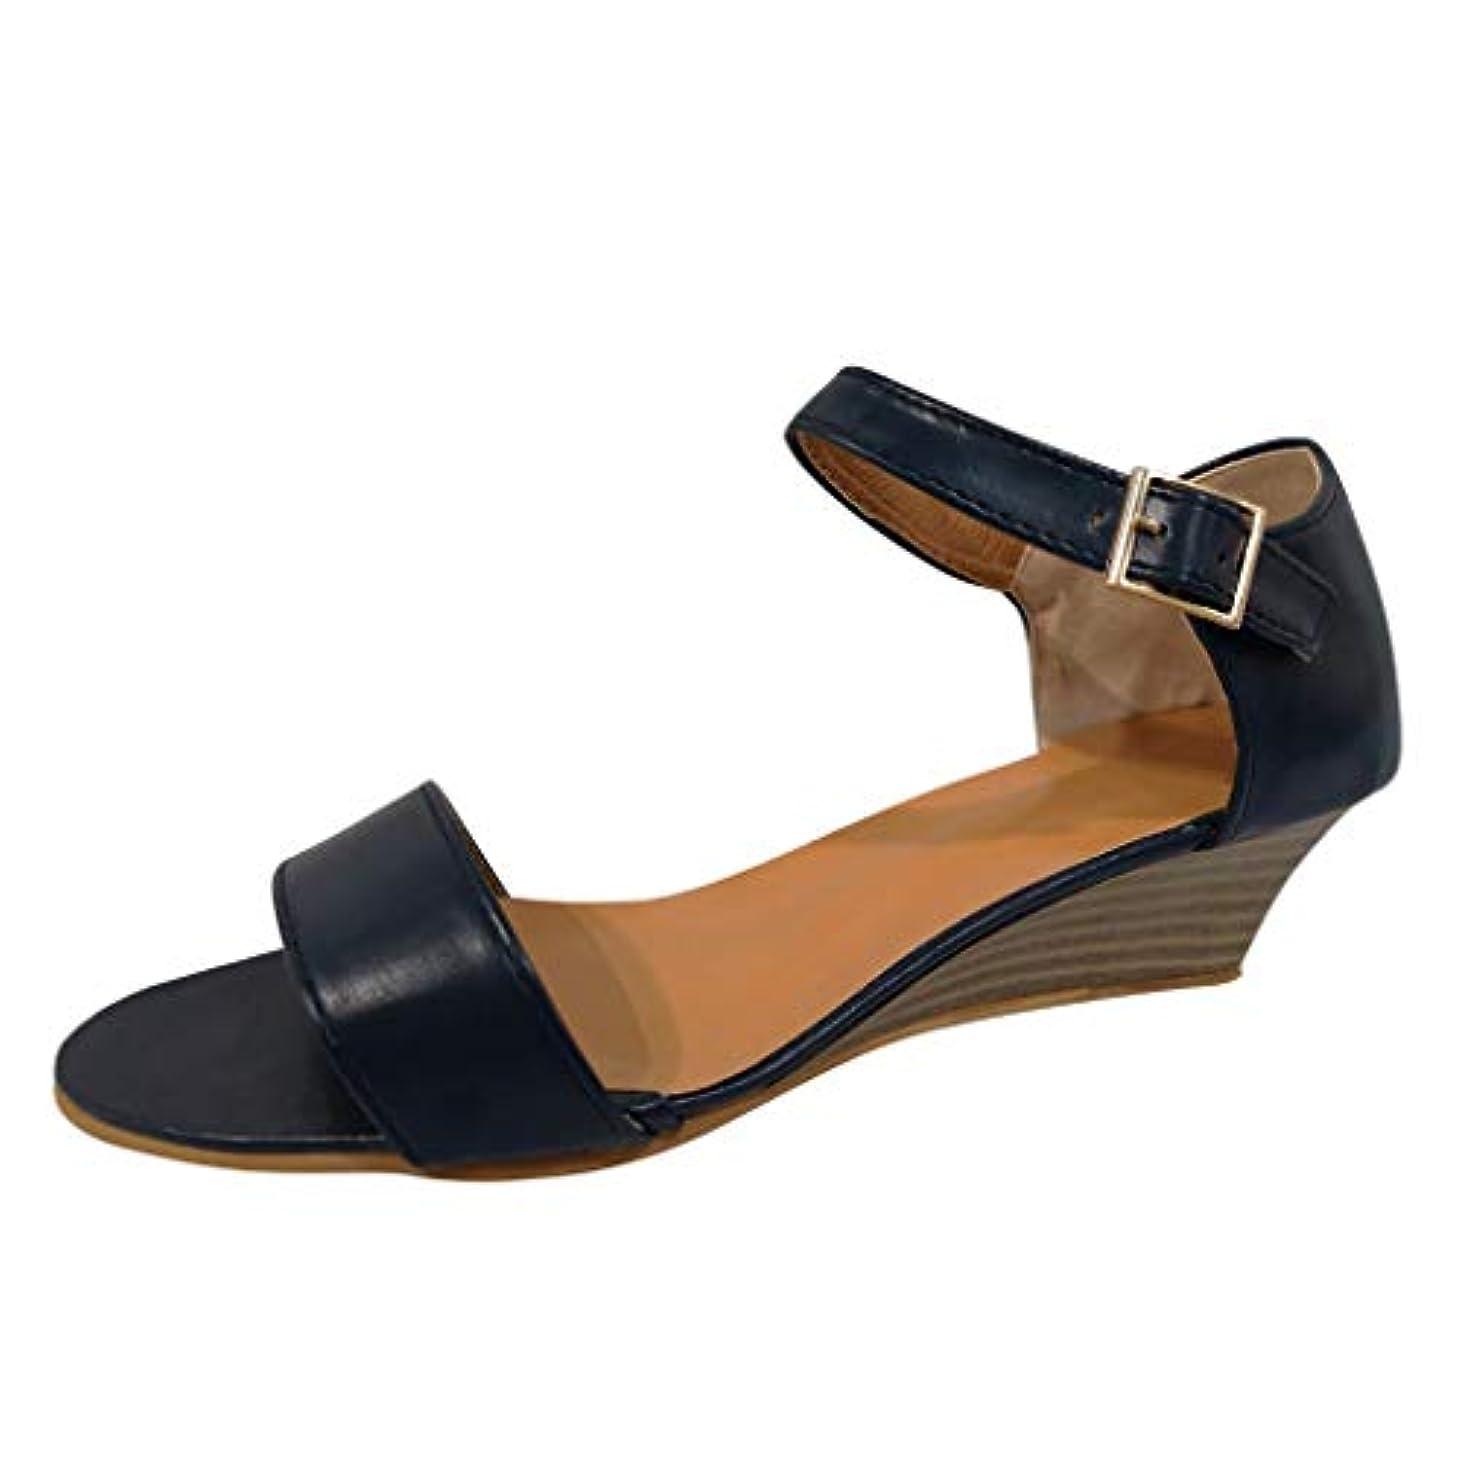 確率年ボックス美脚 ウェッジソール Foreted ミュール サンダル ローヒール 黒 ウエッジ 靴 歩きやすい 疲れないカジュアル コンフォートサンダル ストラップ 痛くない